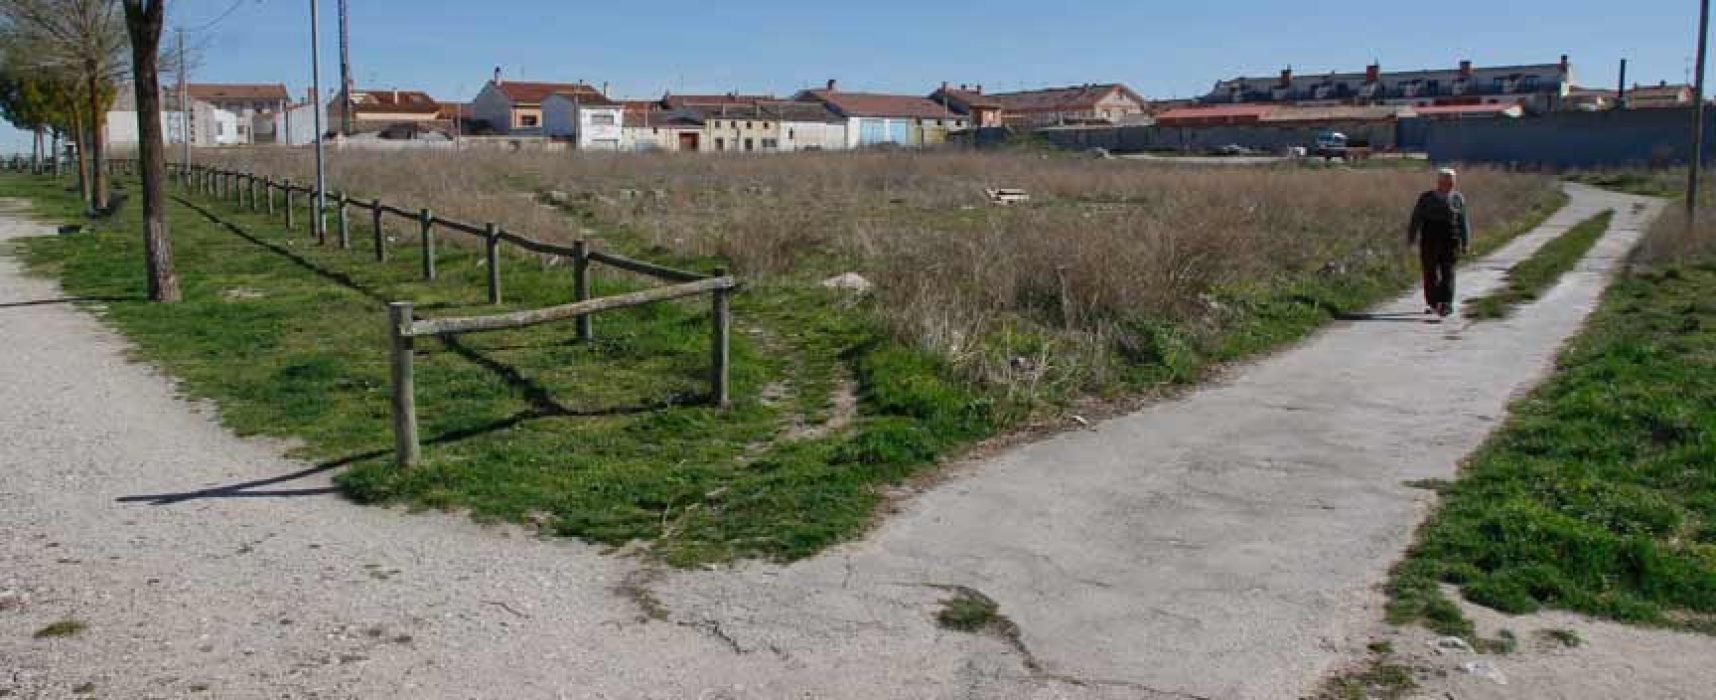 El Ayuntamiento inicia el acondicionamiento de los aparcamientos para autobuses y turismos de cara a Las Edades del Hombre